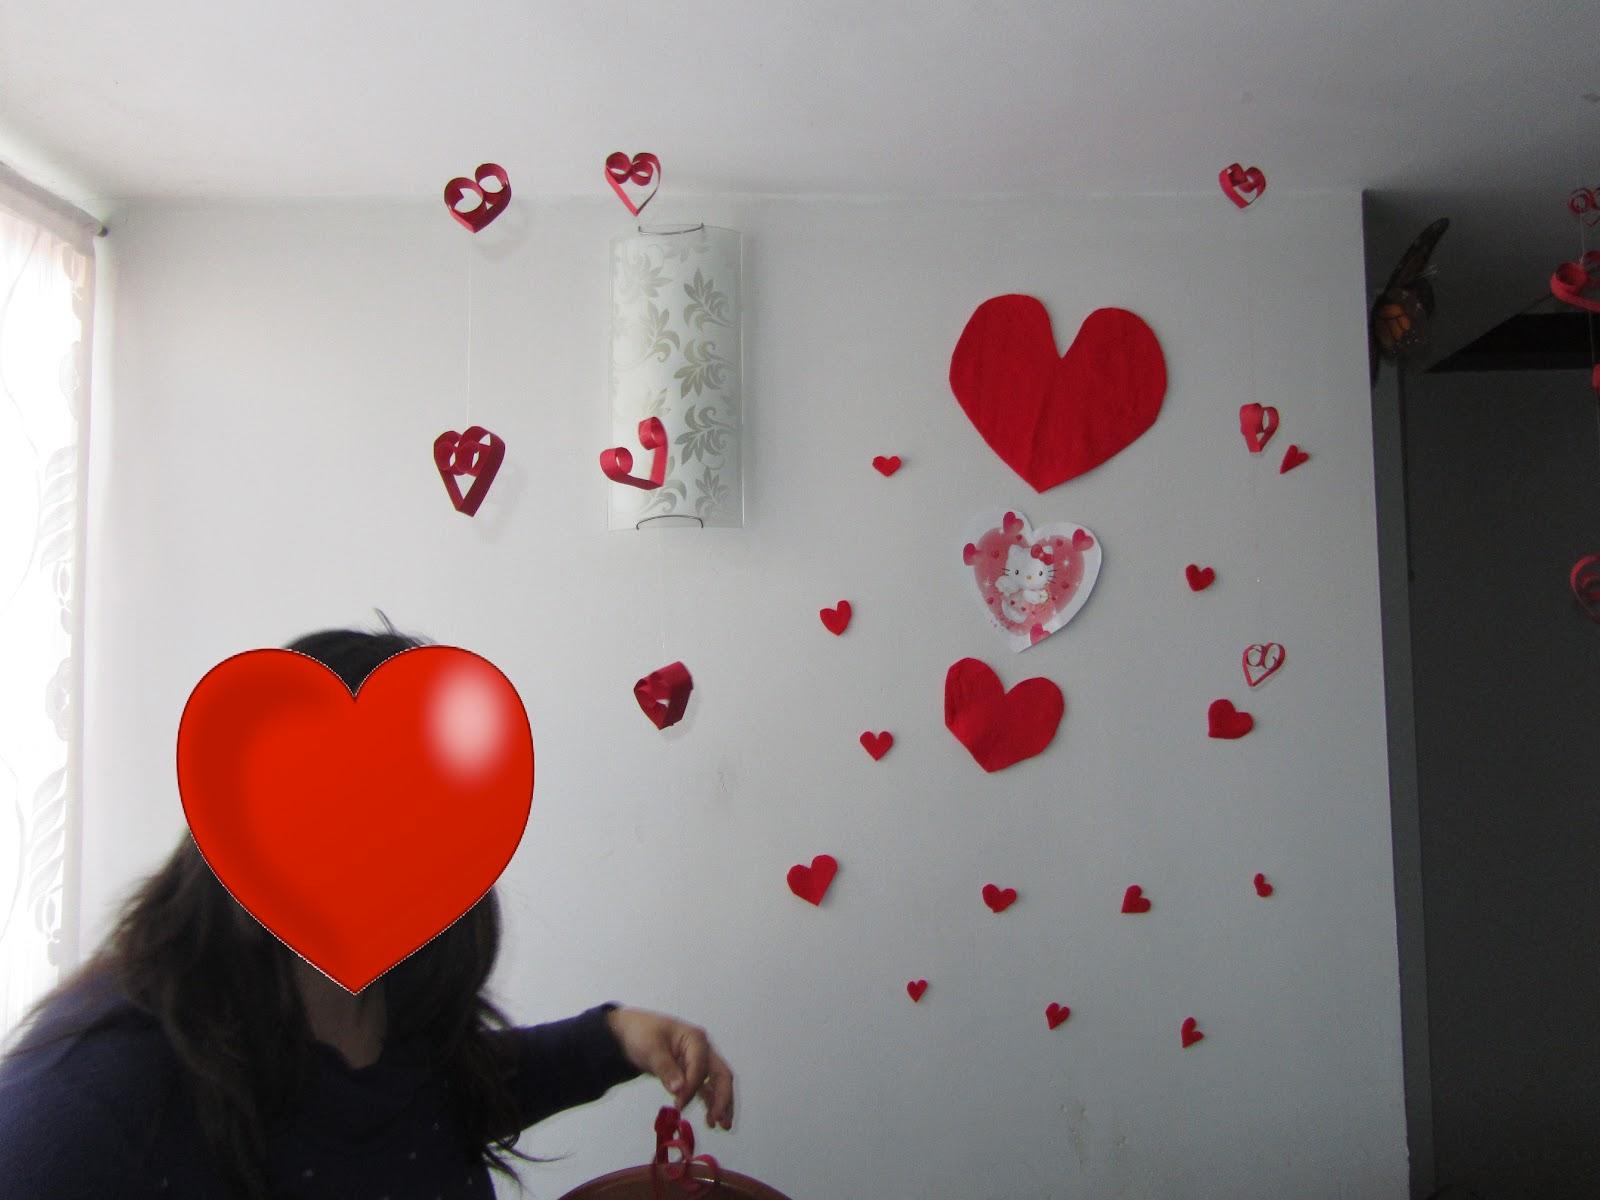 La Decoracion De Sol Para San Valentin Somosdeco Blog De Decoracion - Decoracion-san-valentin-manualidades